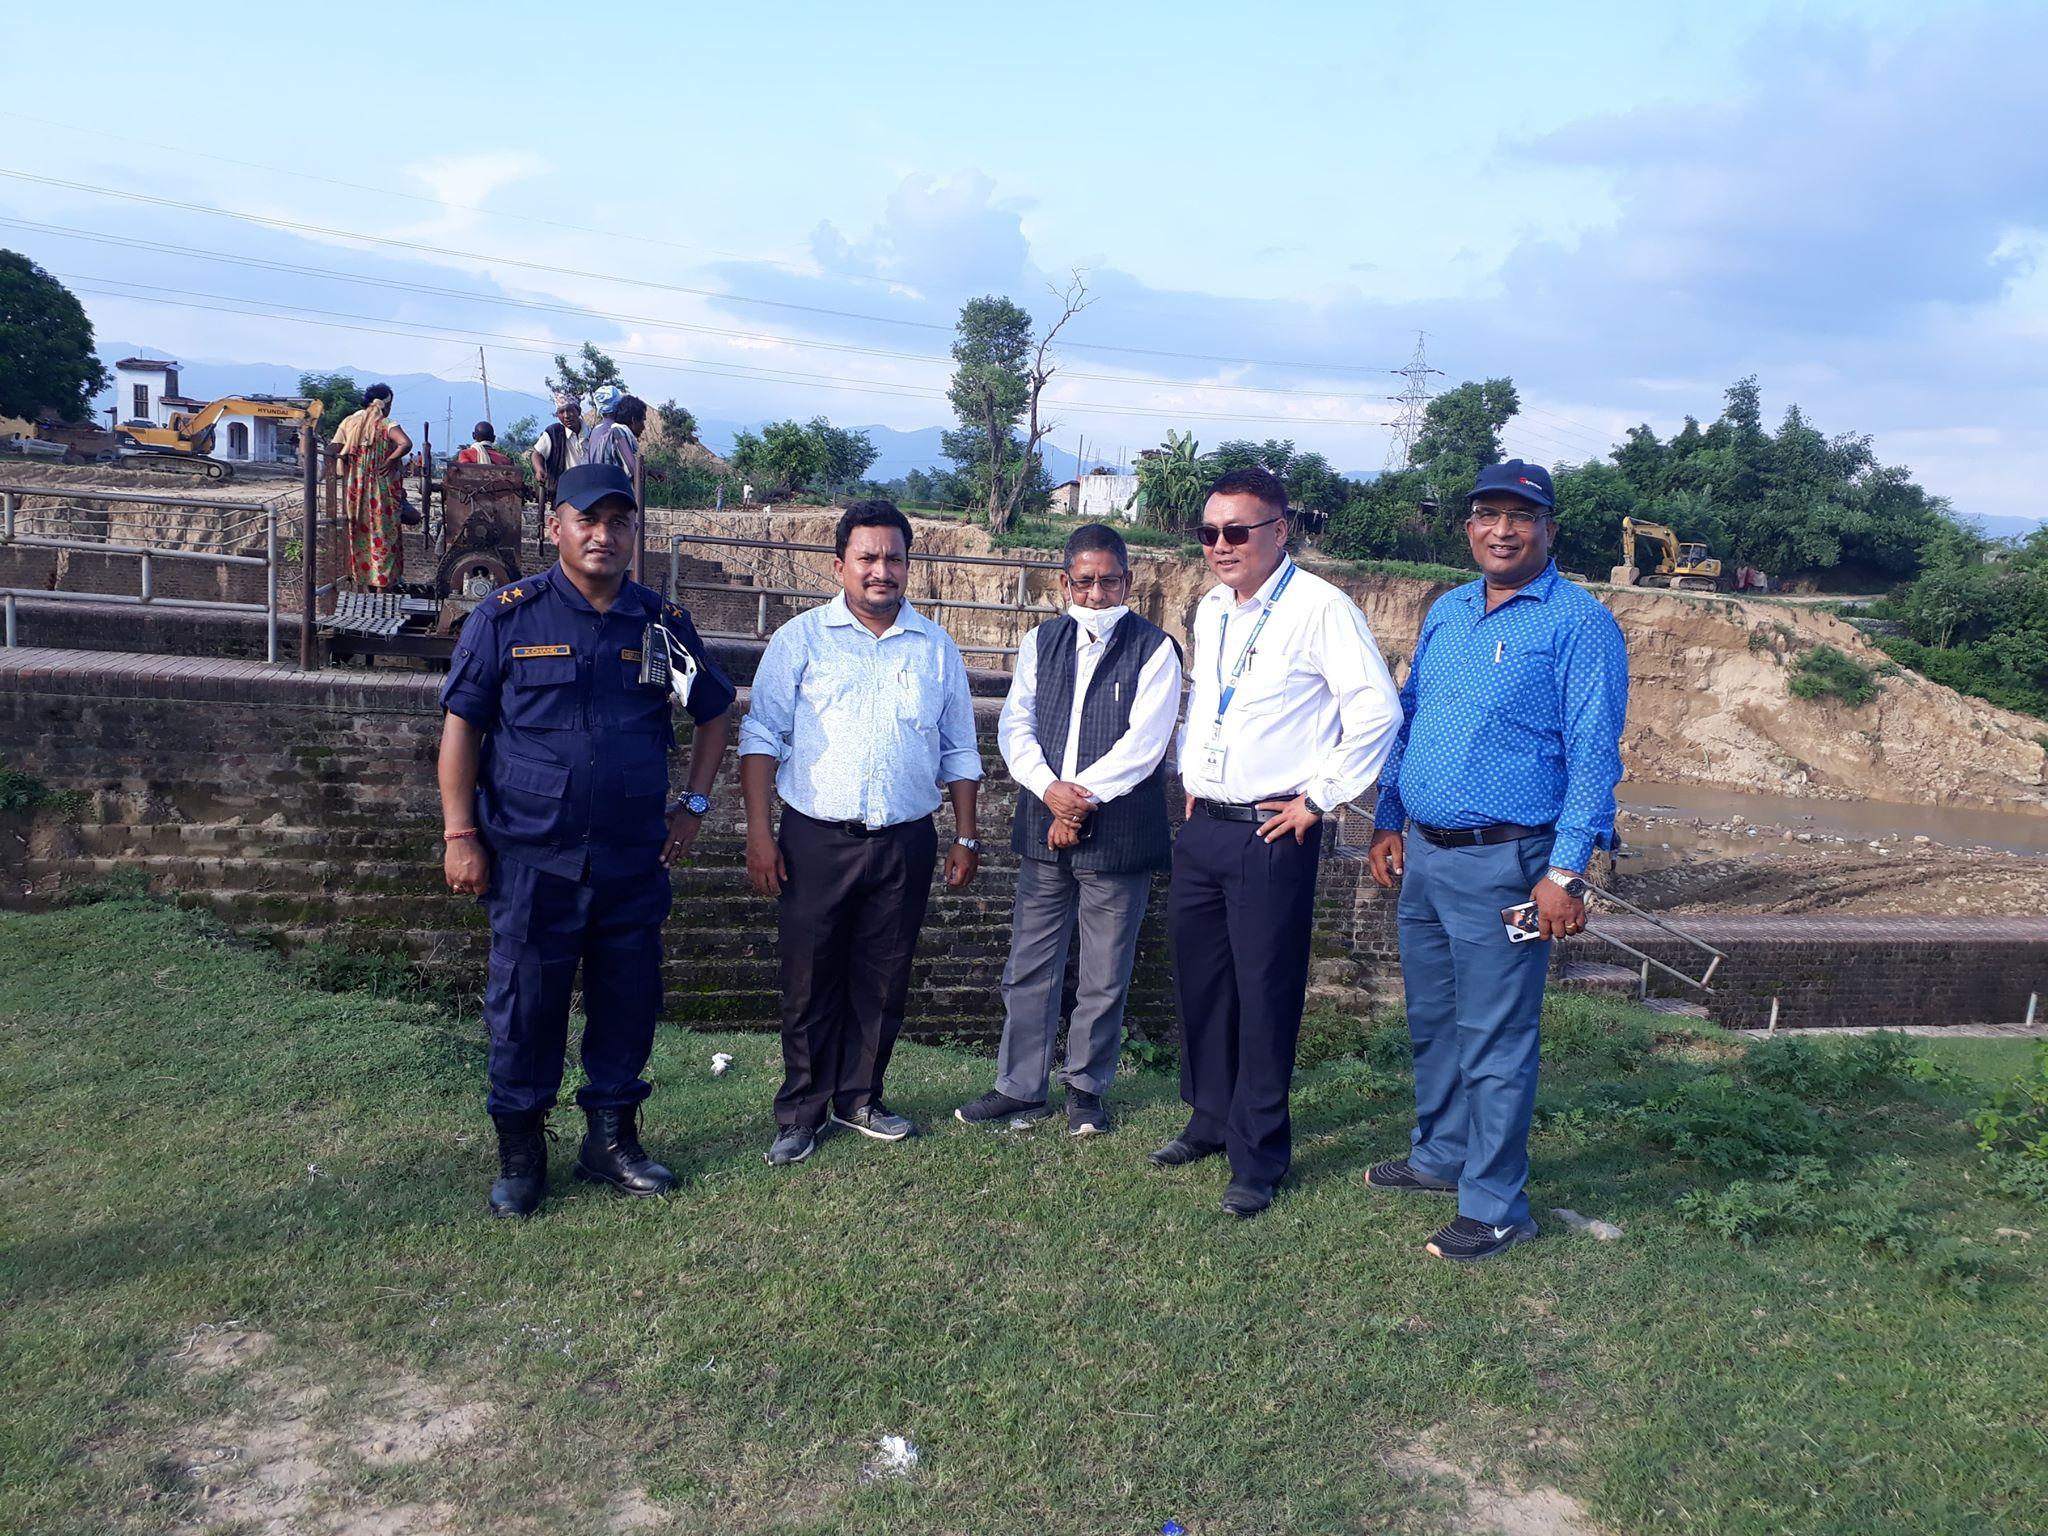 कोहलपुर मेयरको बन्दा पुलको स्थलगत अनुगमन,कटान चाडो रोक्न निर्देशन